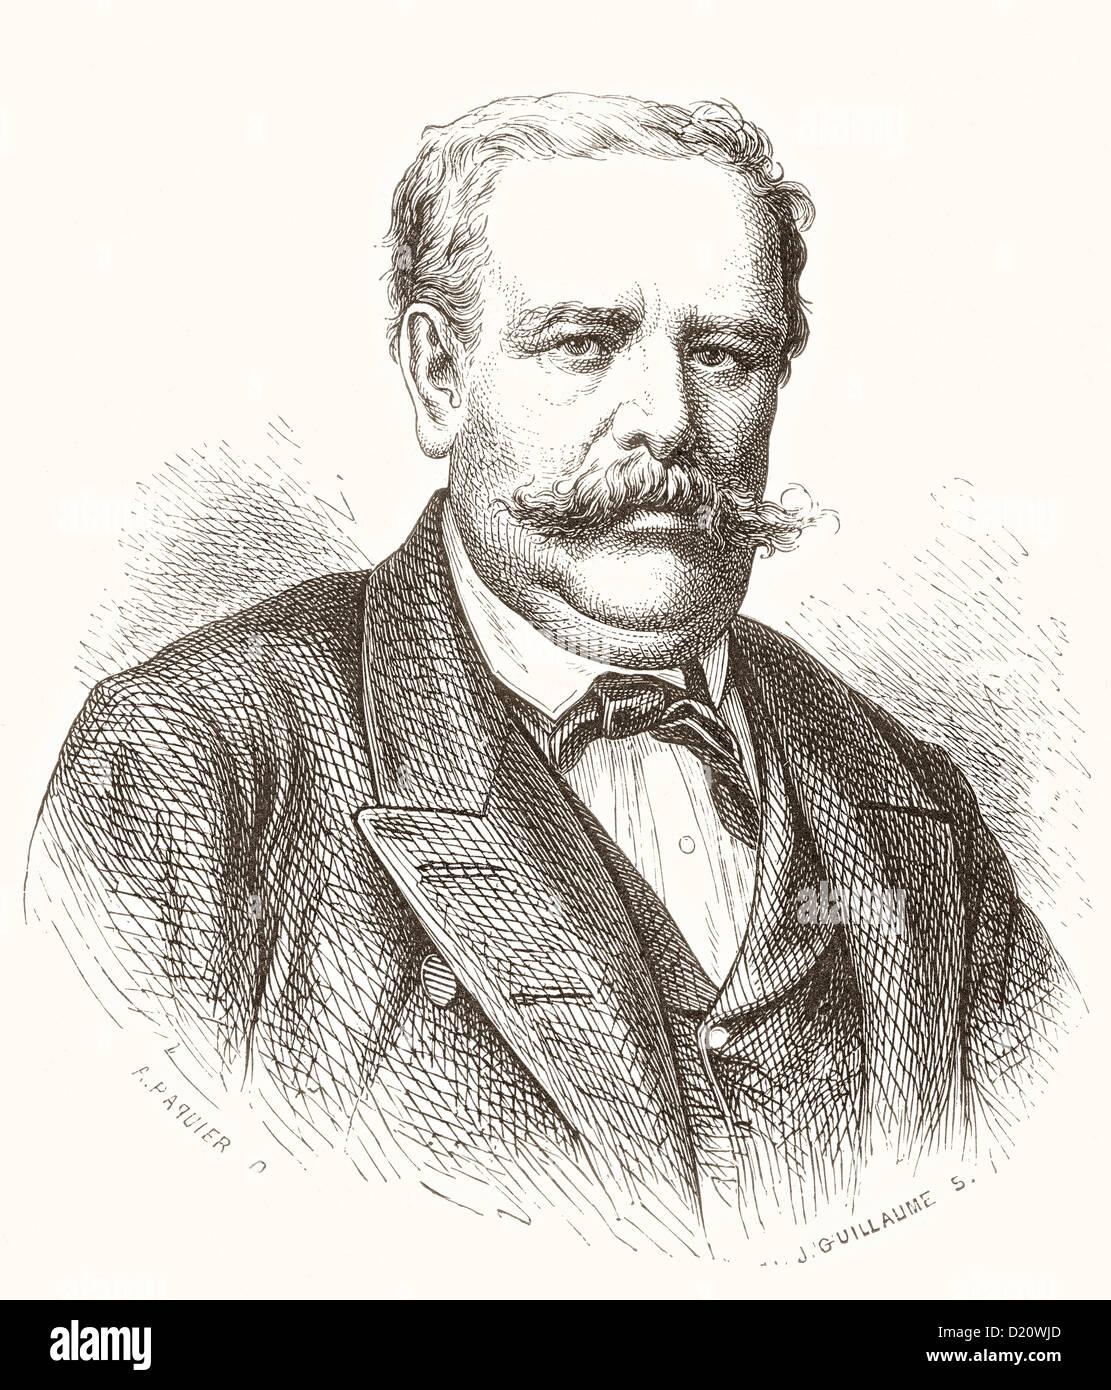 Moritz von Schwind, 1804-1871. Österreichische Künstler. Stockbild